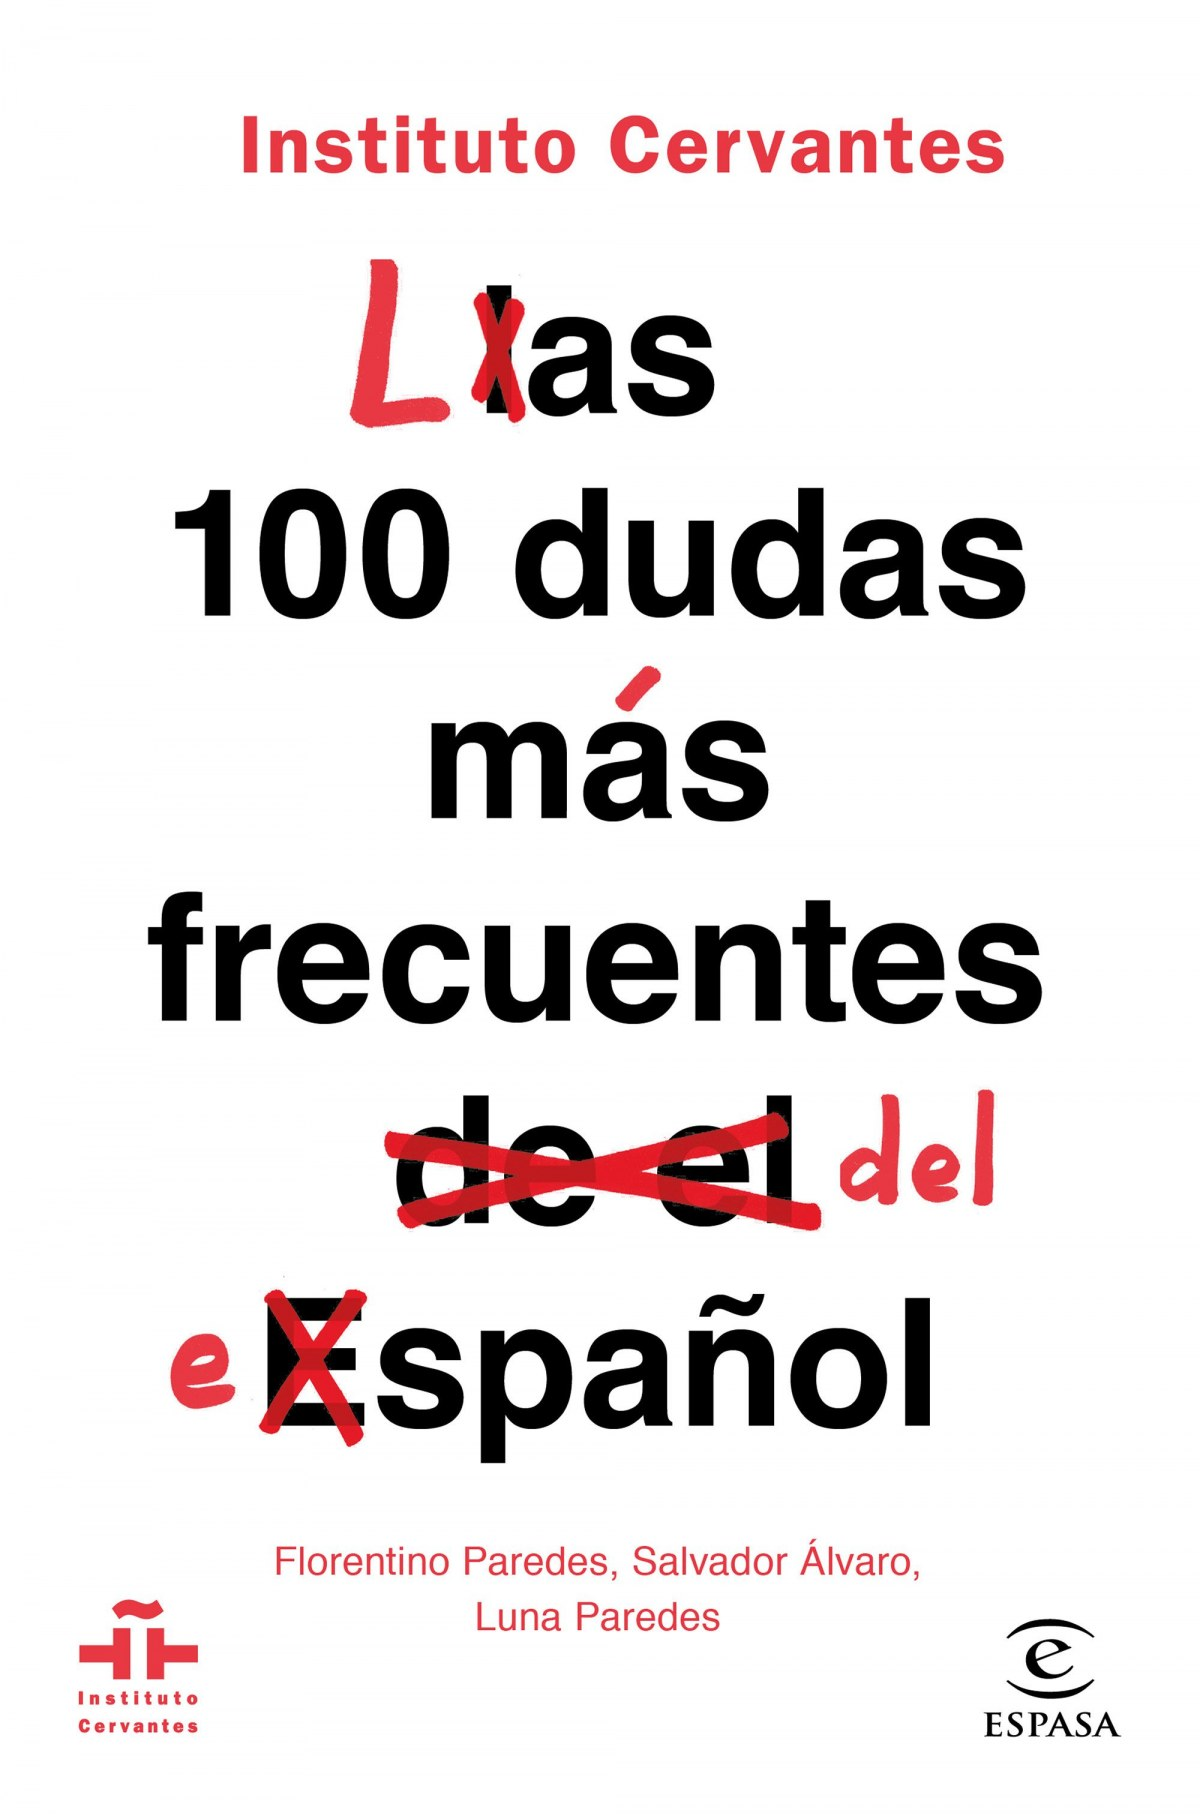 LAS 100 DUDAS MAS FRECUENTES DEL ESPAñOL 9788467055023